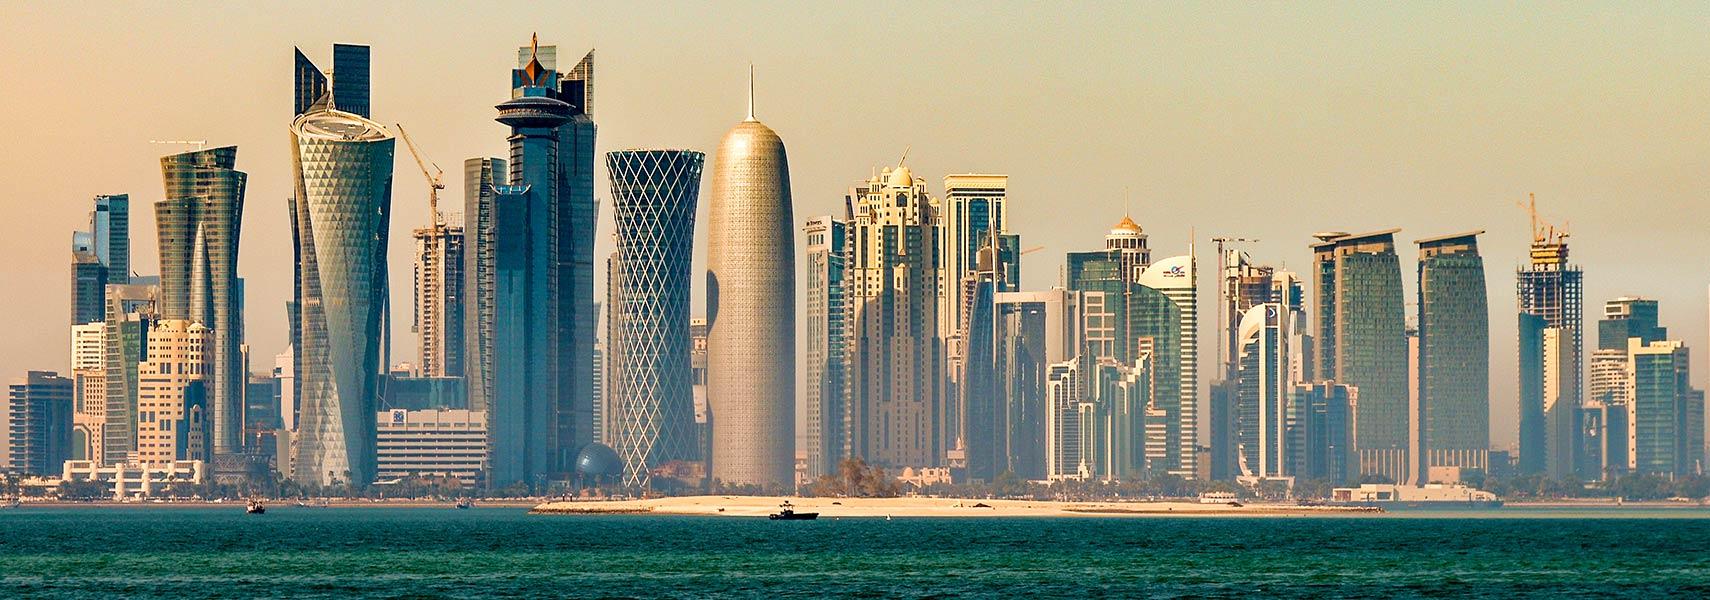 Bildergebnis für qatar